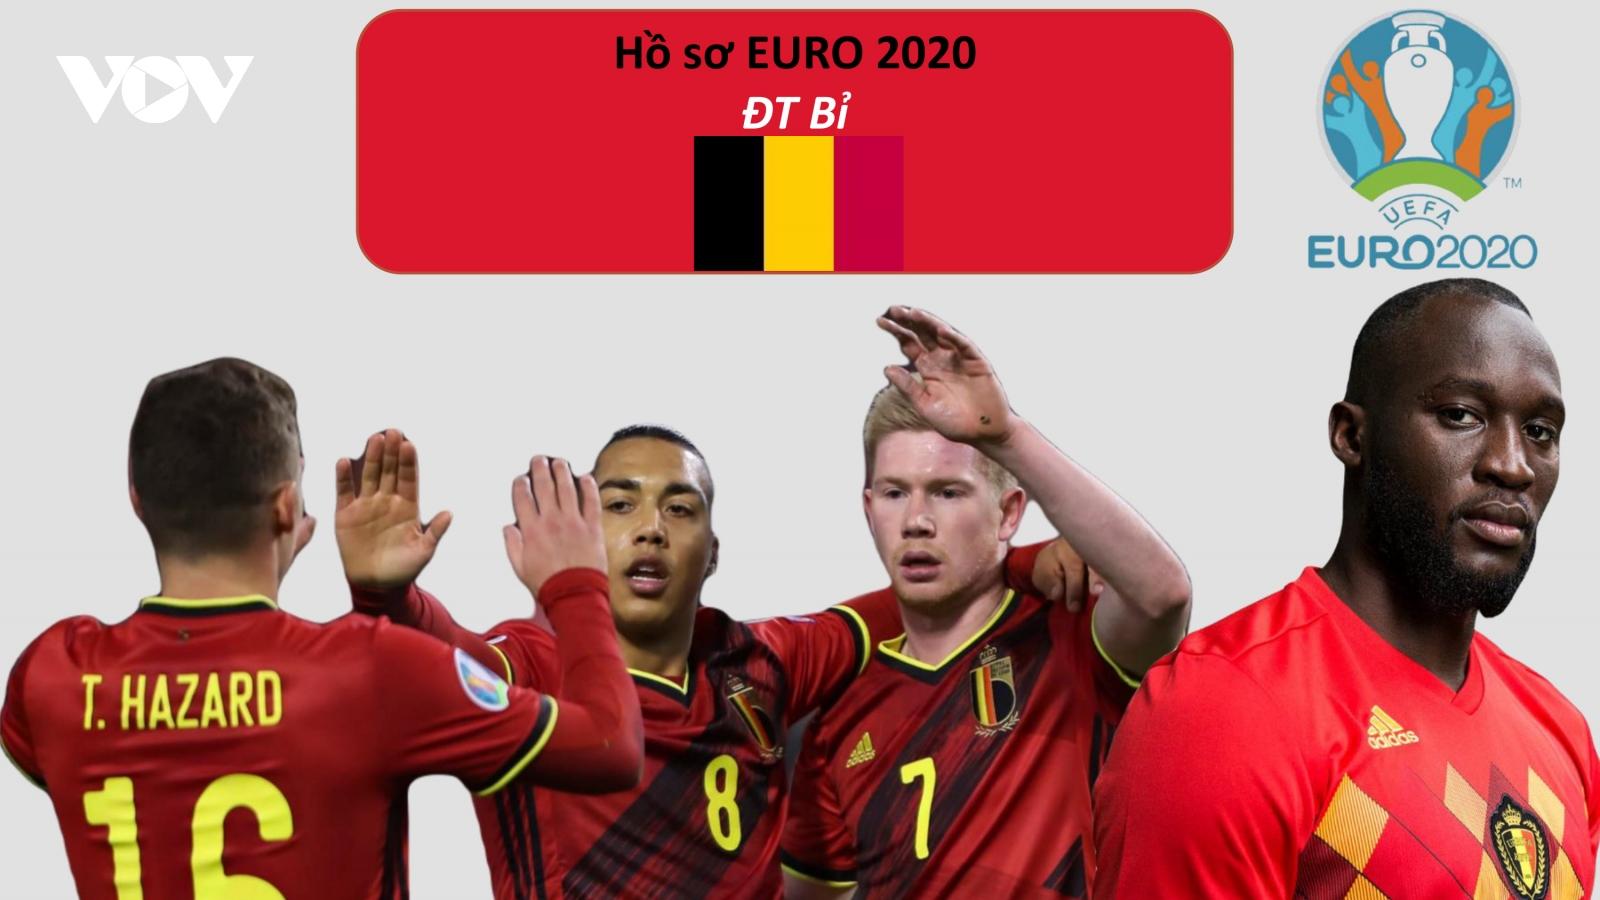 Hồ sơ các ĐT dự EURO 2020: Đội tuyển Bỉ